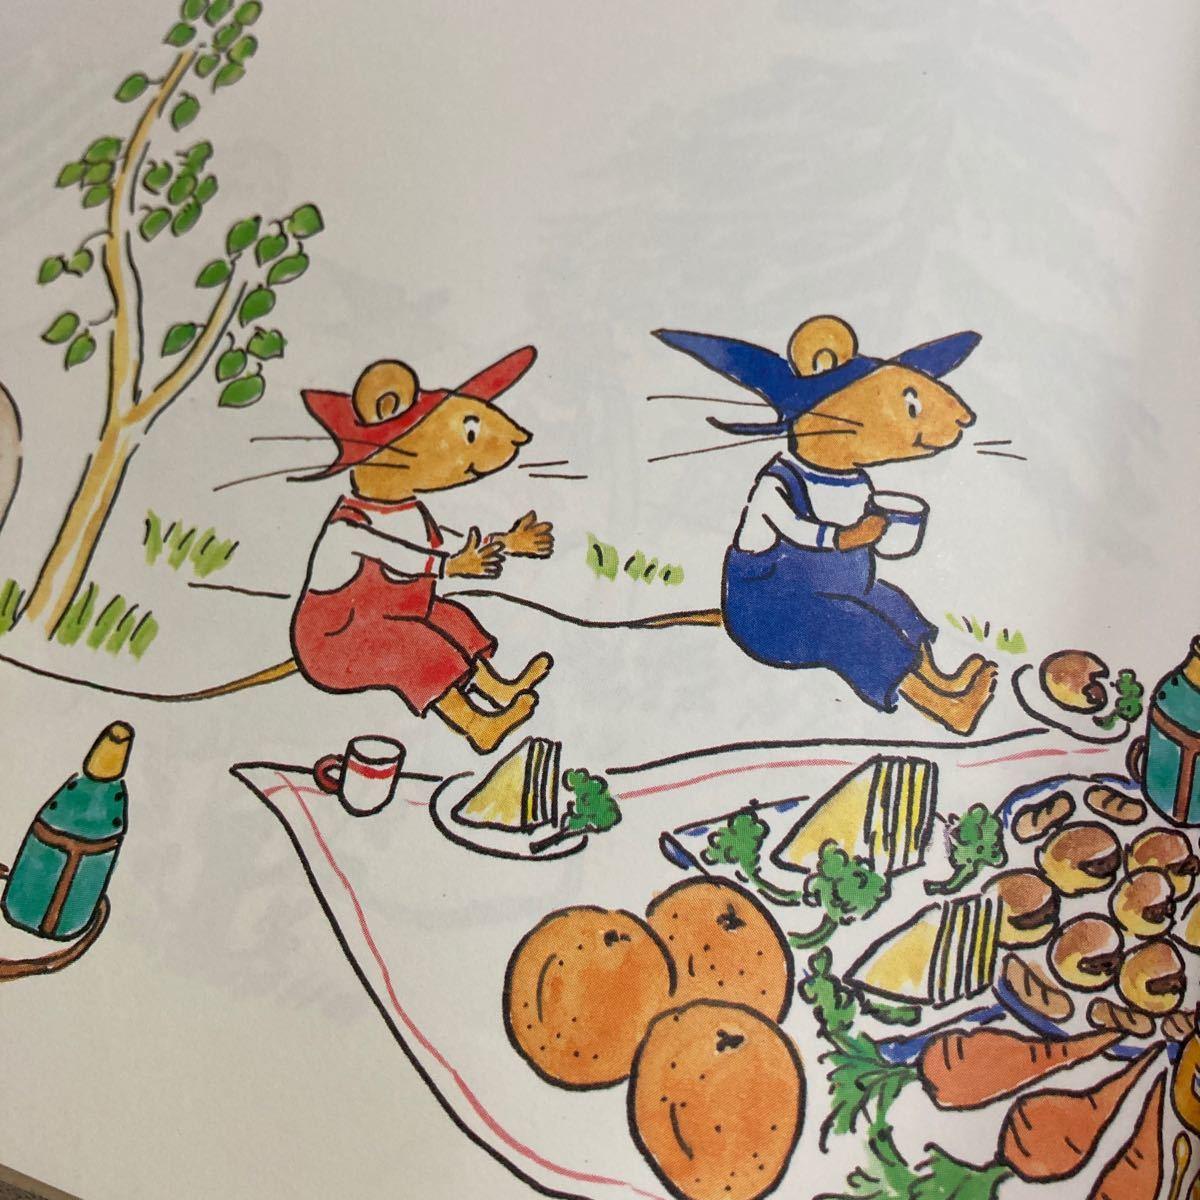 ぐりとぐら ぐりとぐらのえんそく 絵本 児童書 なかがわりえこ やまわきゆりこ 子ども こどものとも福音館